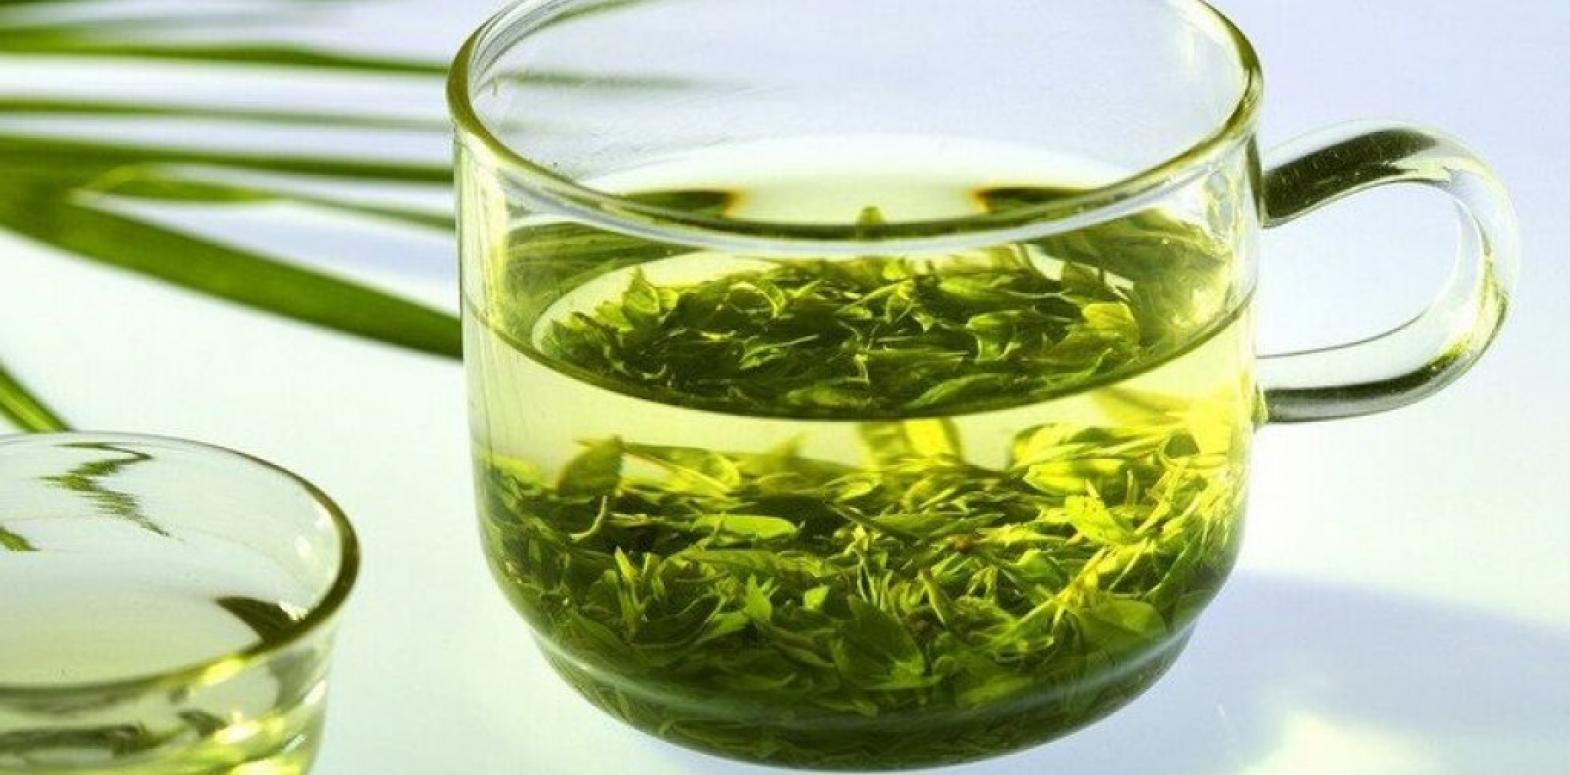 Ученые назвали шесть вредных качеств чая